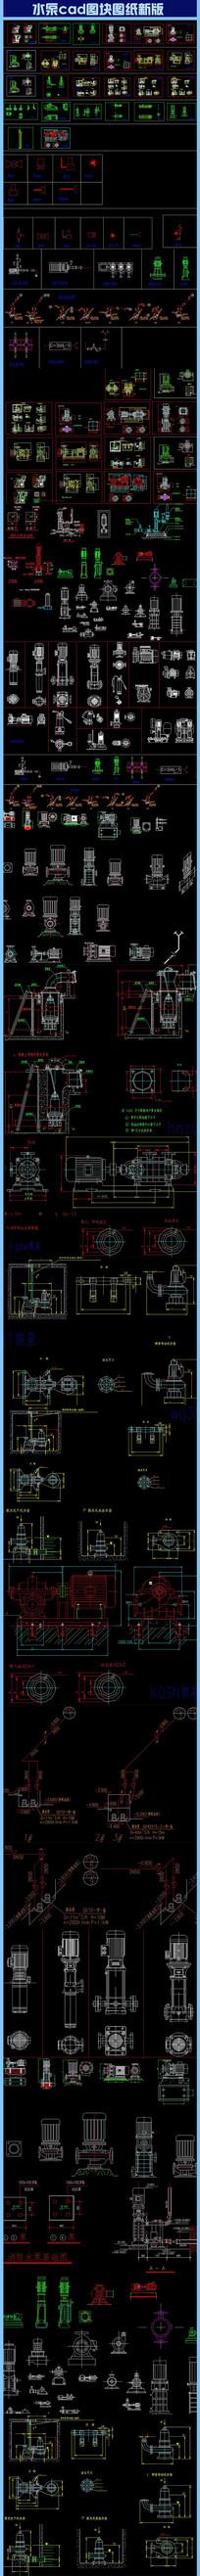 水泵cad图块图纸水利机电